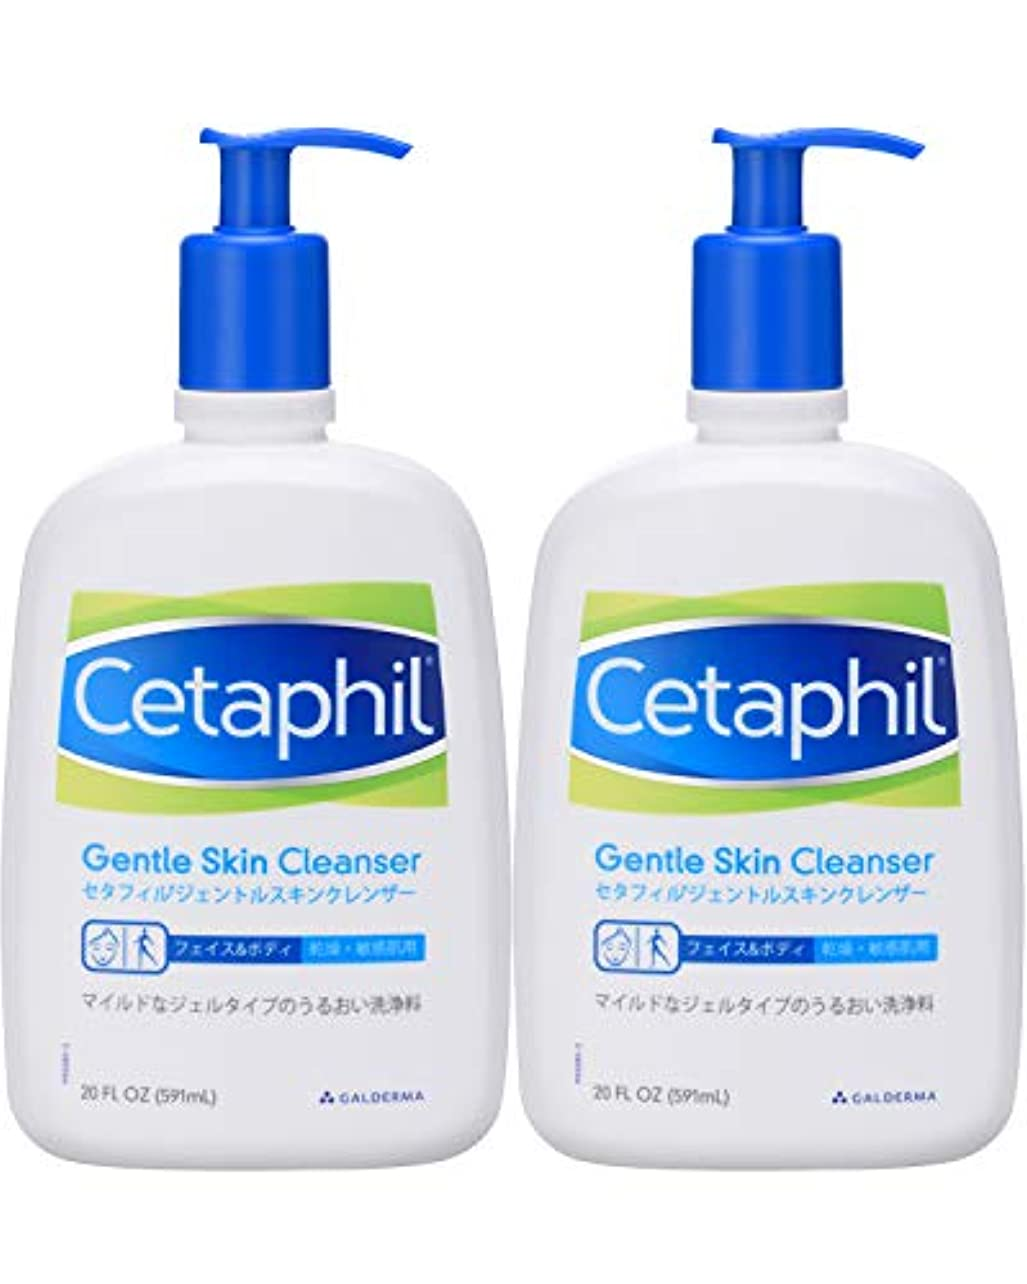 薄汚いマニア天才セタフィル Cetaphil ® ジェントルスキンクレンザー 591ml 2本組 ( フェイス & ボディ 洗浄料 クレンザー )